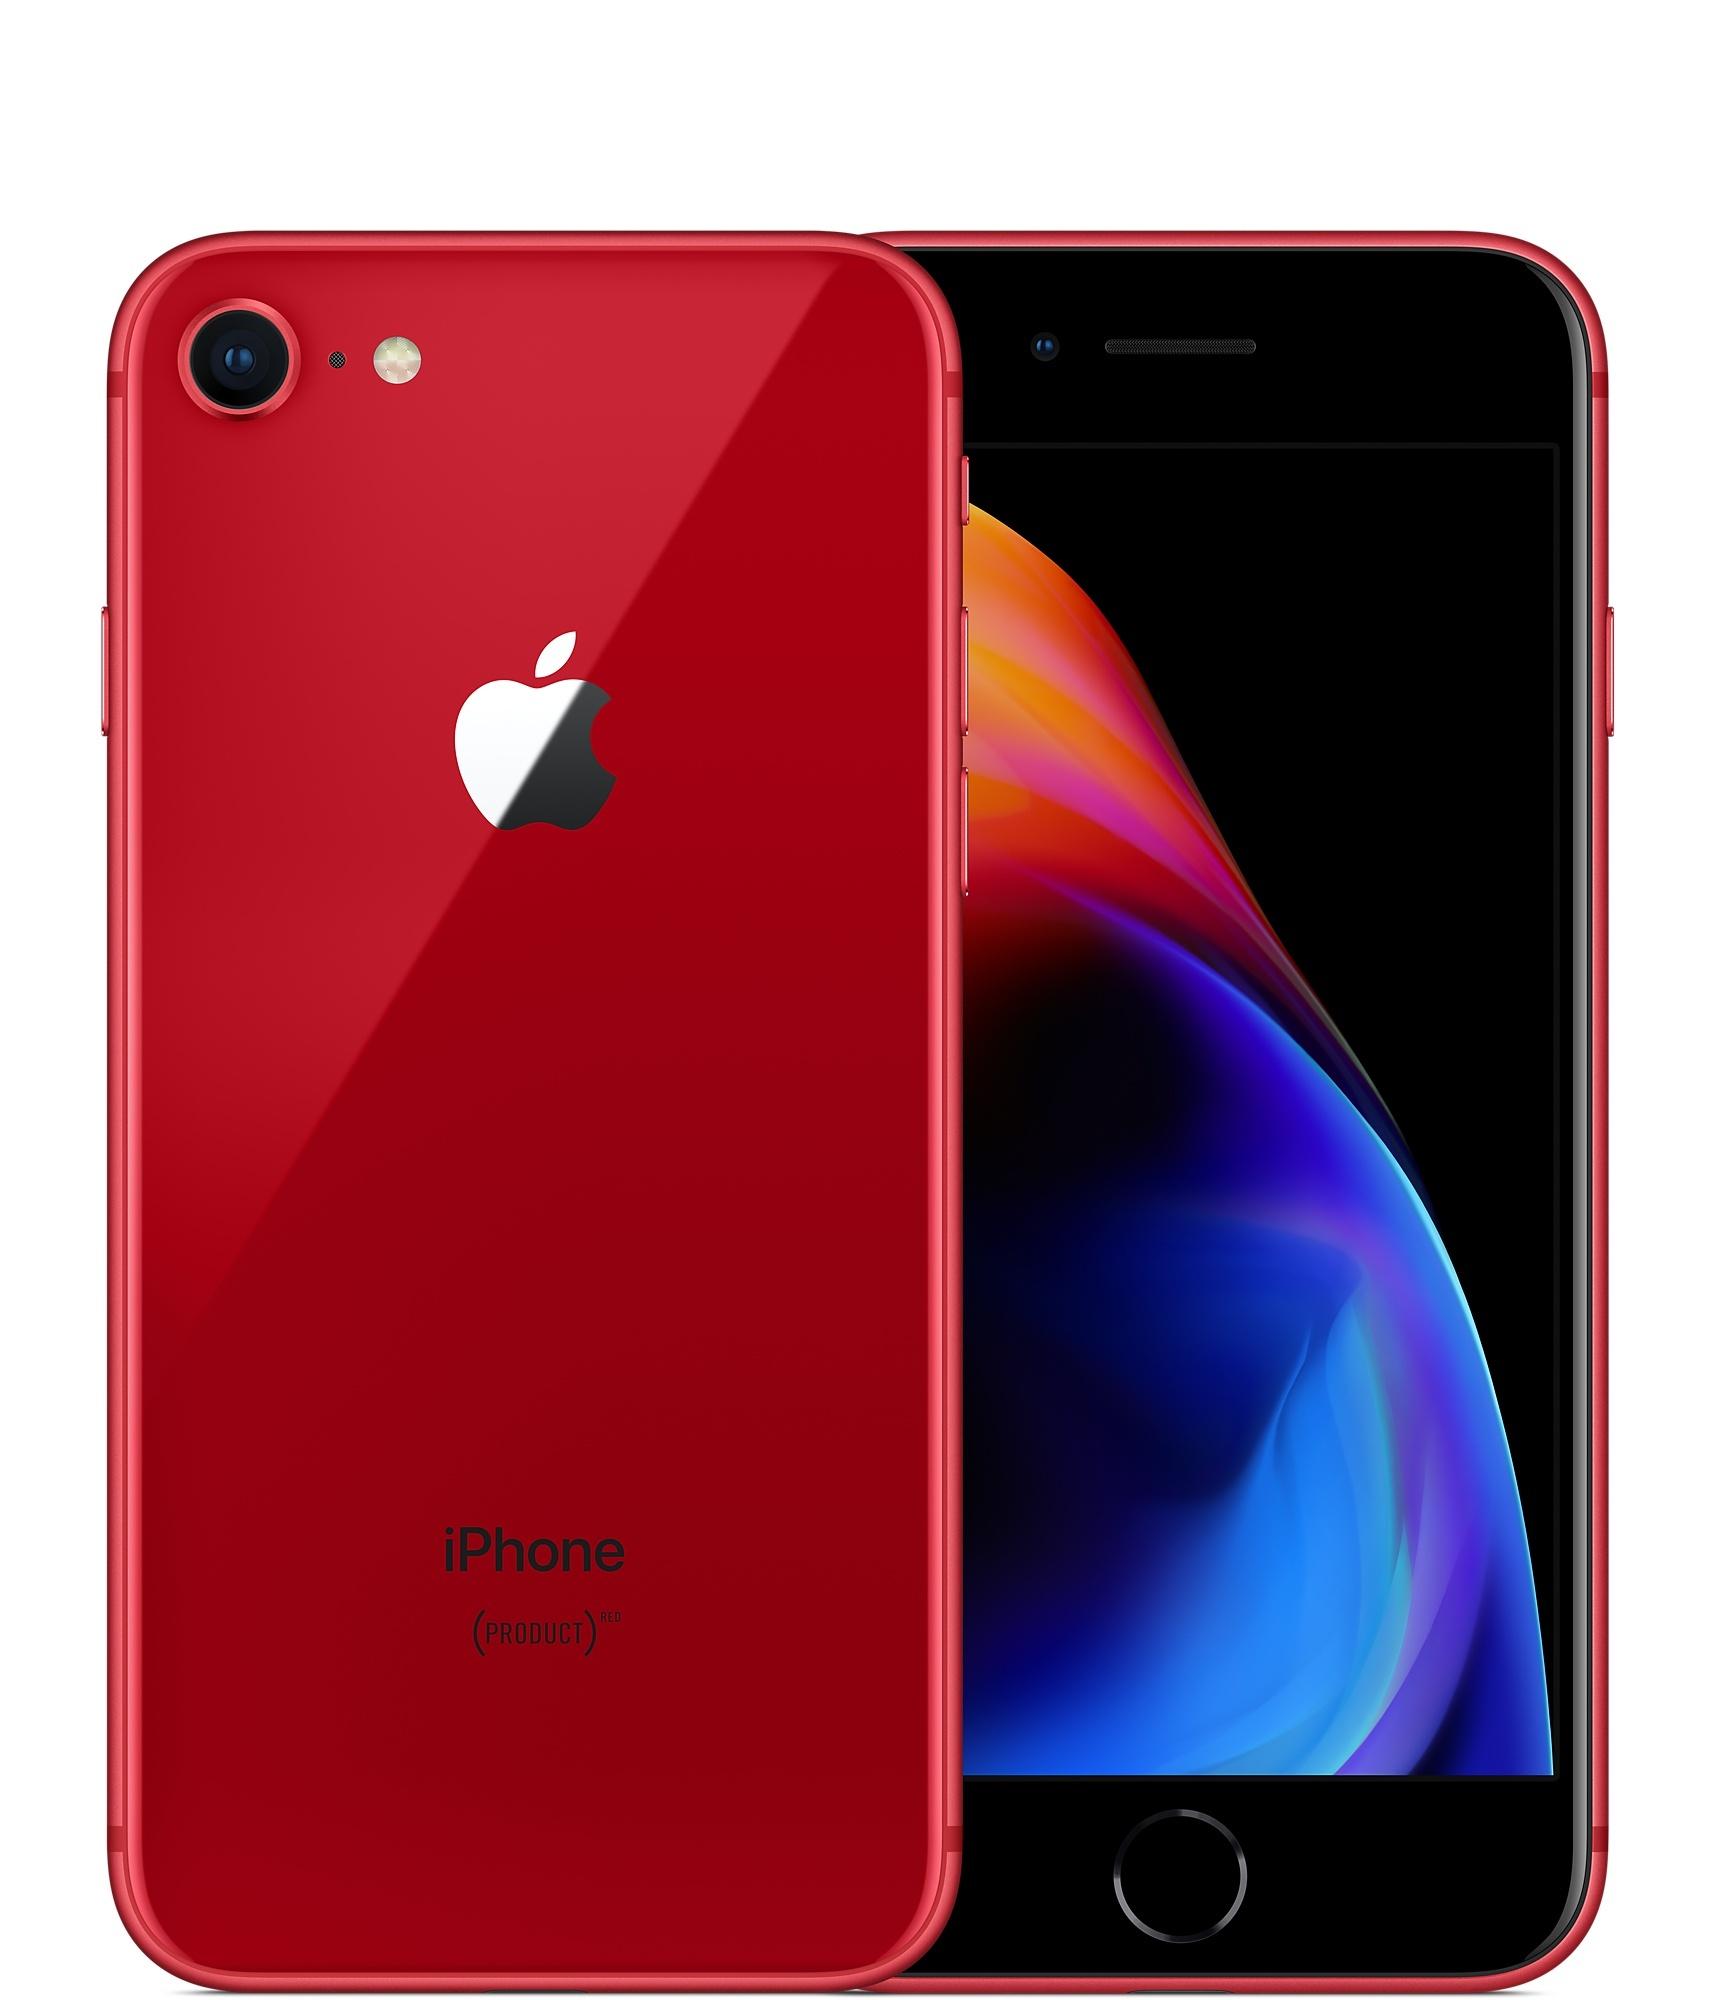 3438cdc3dd7 Quemoviles.com Apple iPhone 8 64 Gb (Rojo) - Quemoviles.com